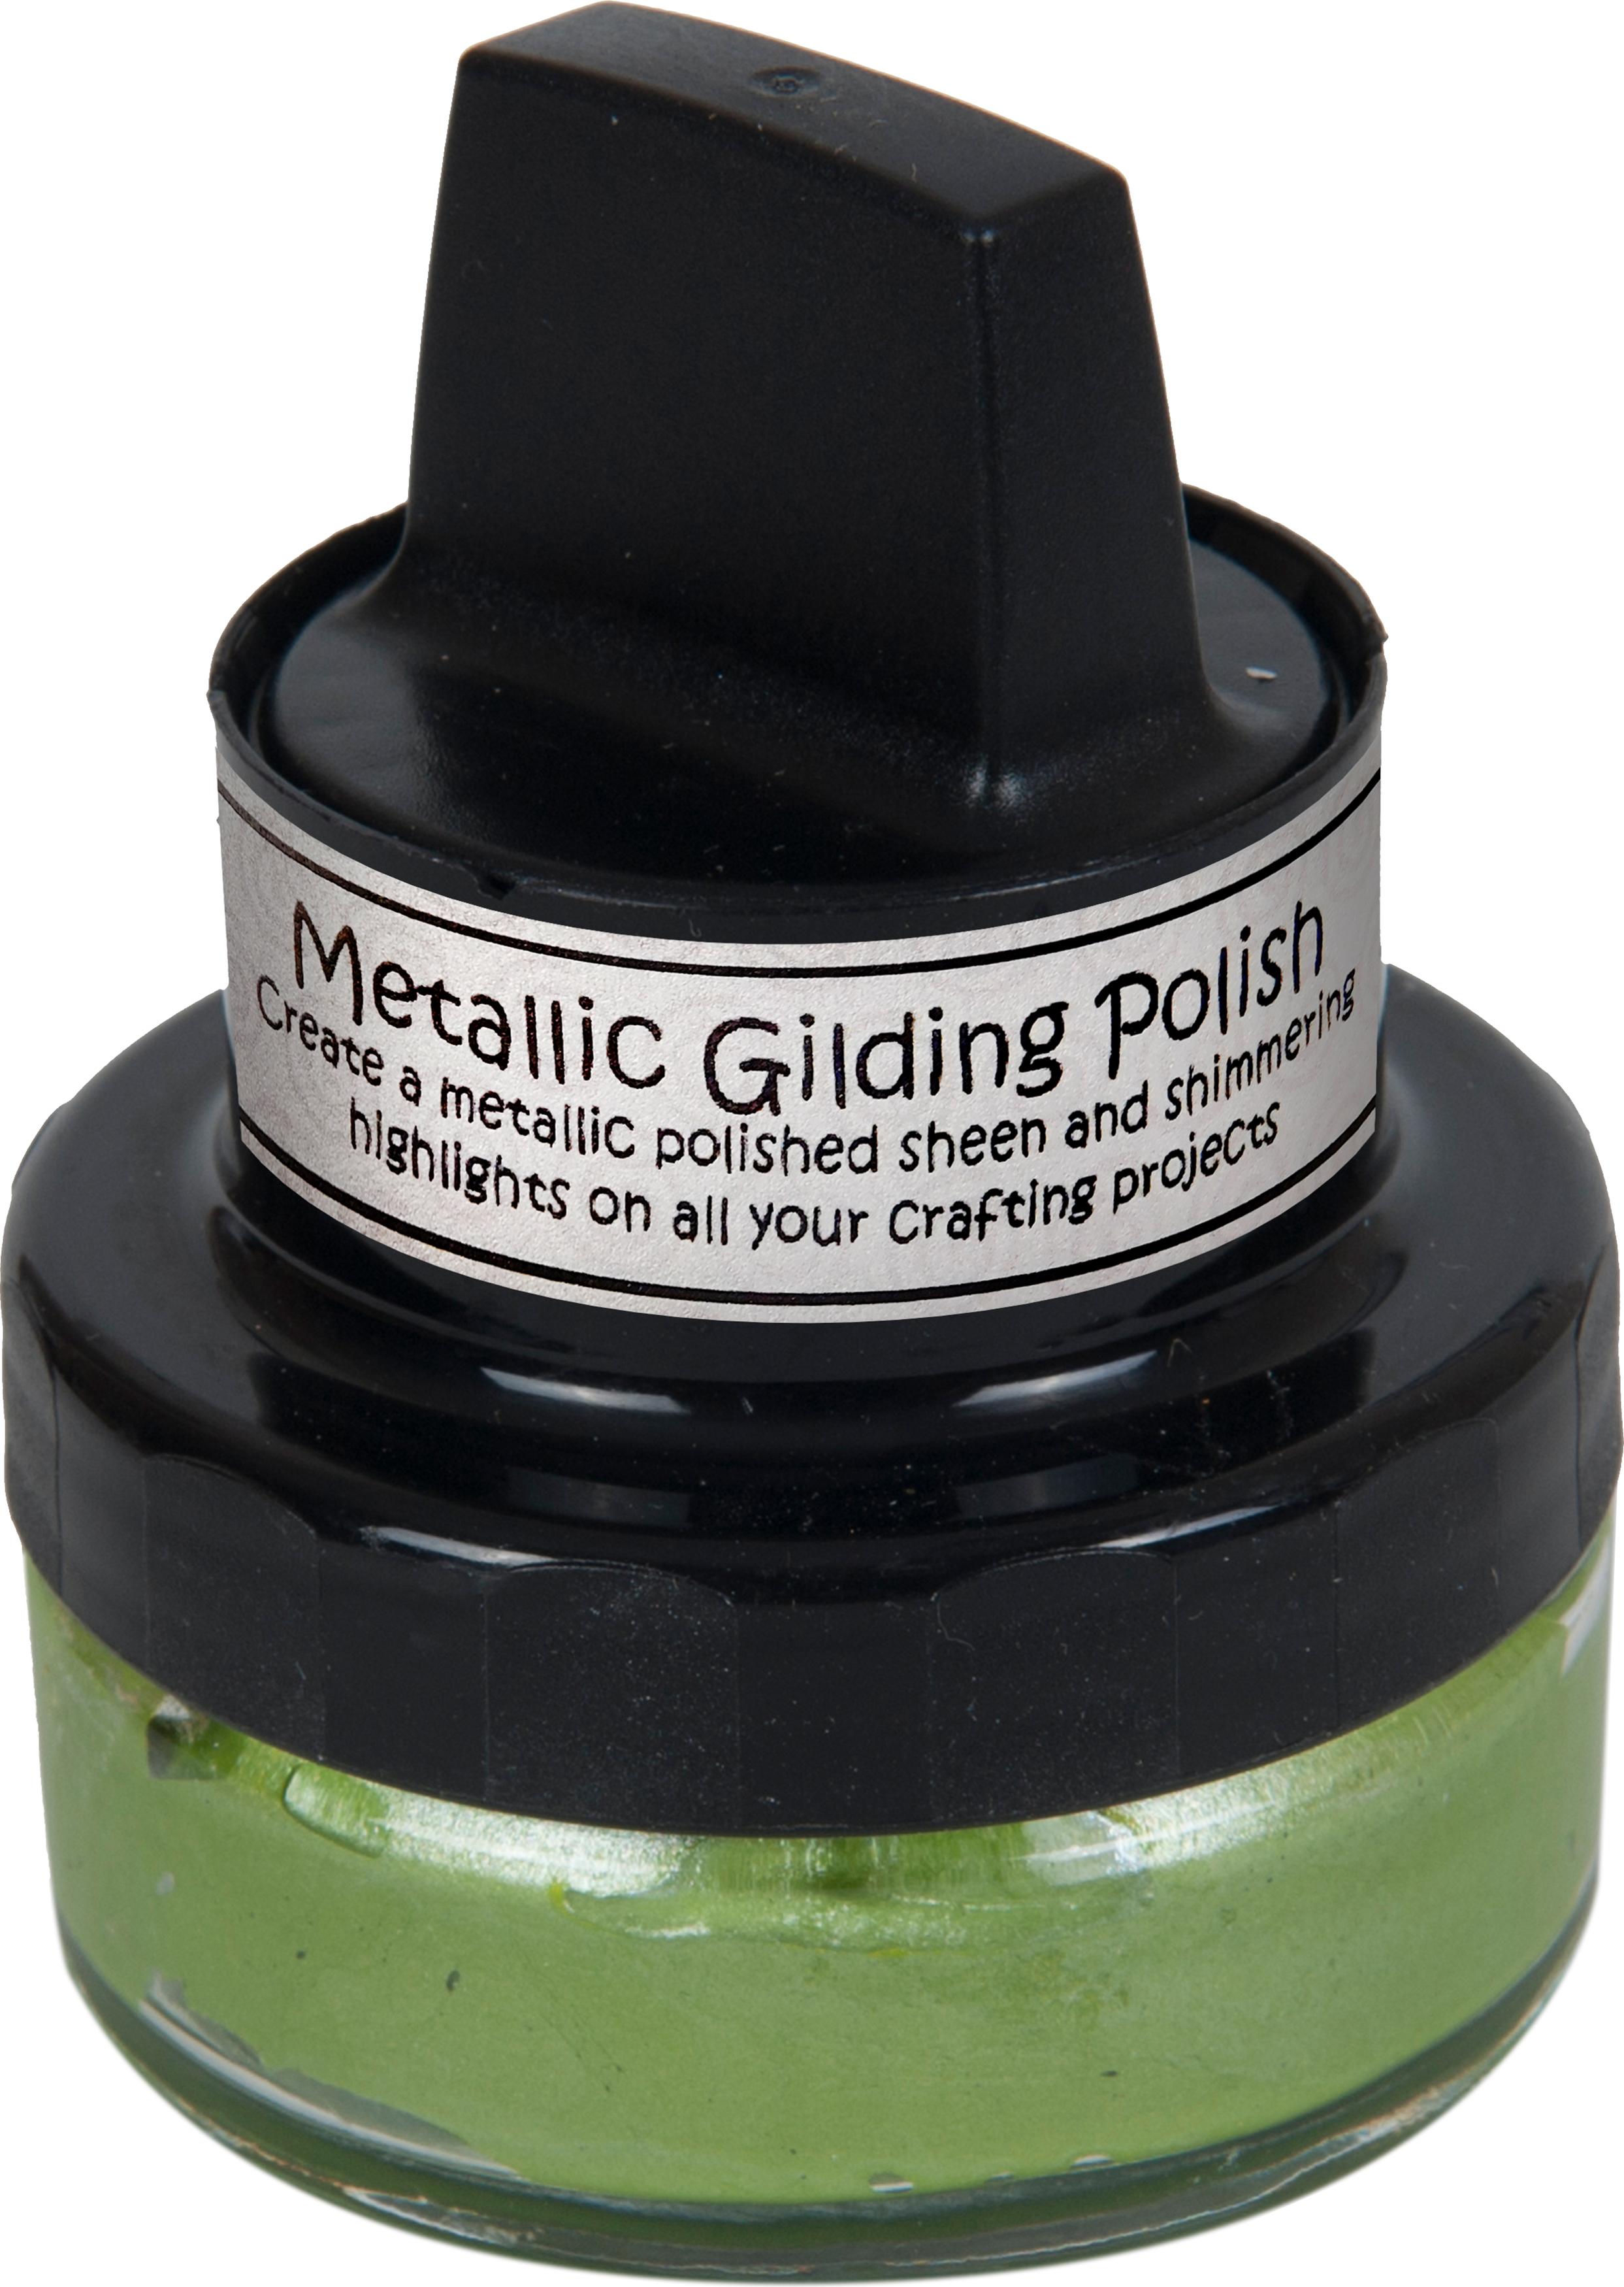 Cosmic Shimmer Metallic Gilding Polish Citrus Green